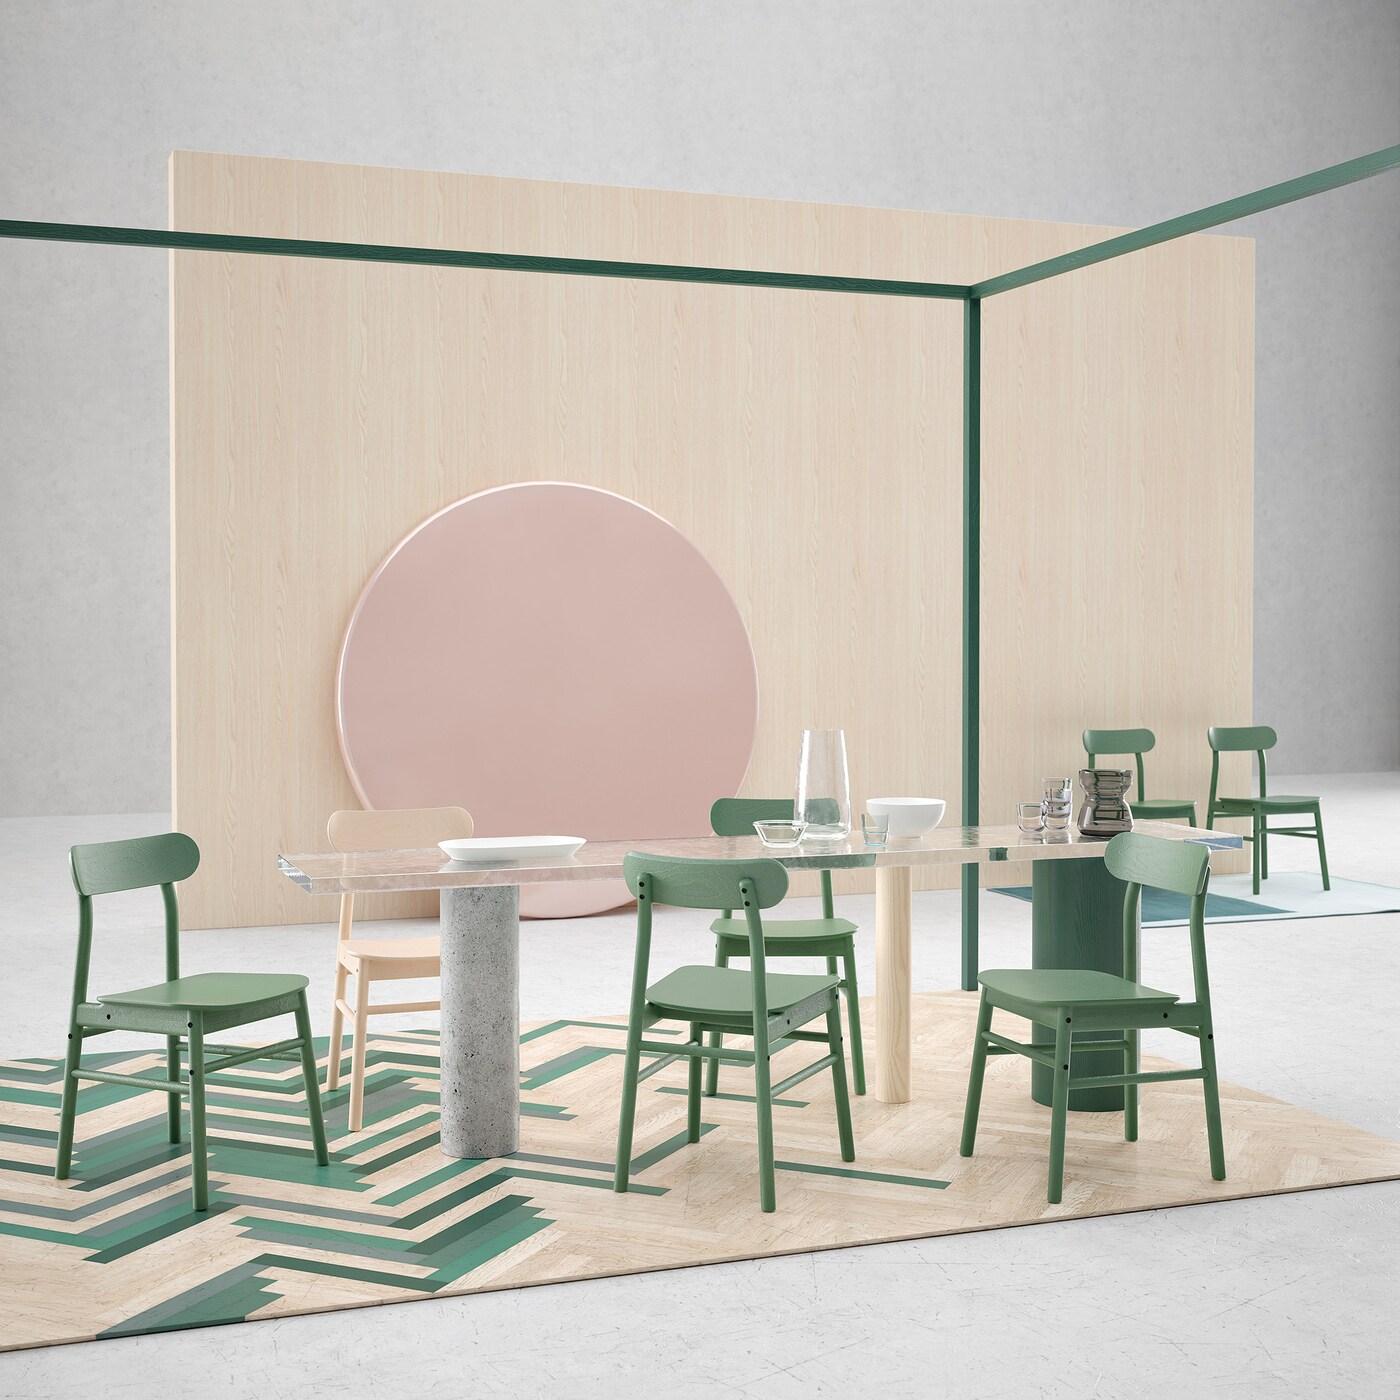 Ein schlichter Raum mit einem Steintisch mit grünen & beigen Stühlen auf einem grün-beigen Boden.